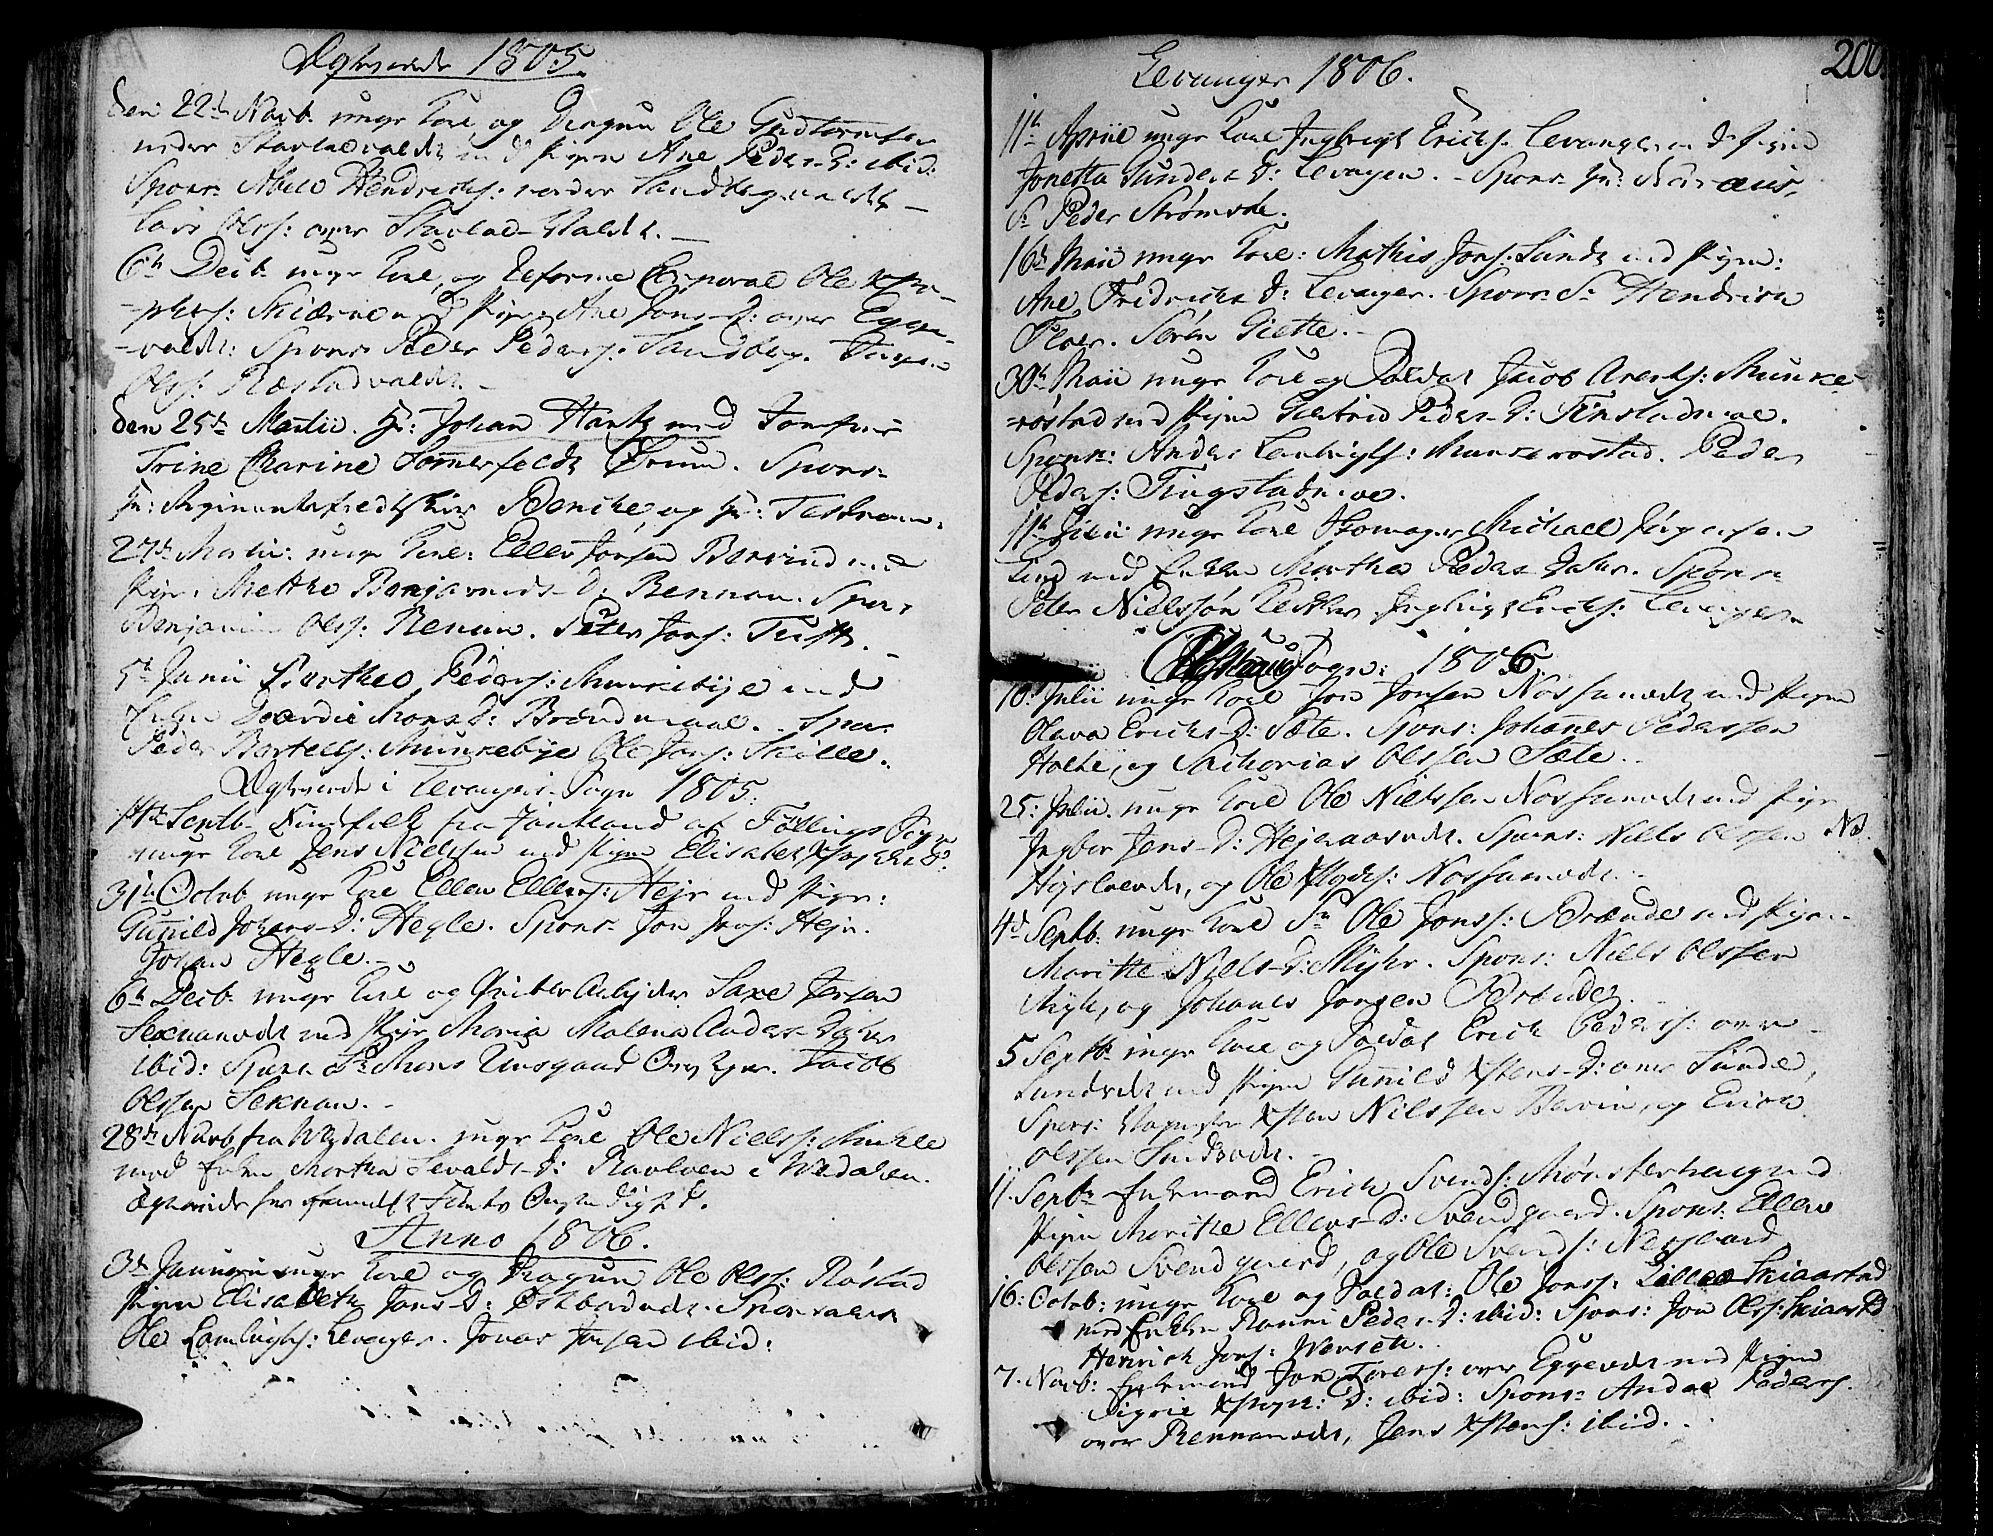 SAT, Ministerialprotokoller, klokkerbøker og fødselsregistre - Nord-Trøndelag, 717/L0142: Ministerialbok nr. 717A02 /1, 1783-1809, s. 200